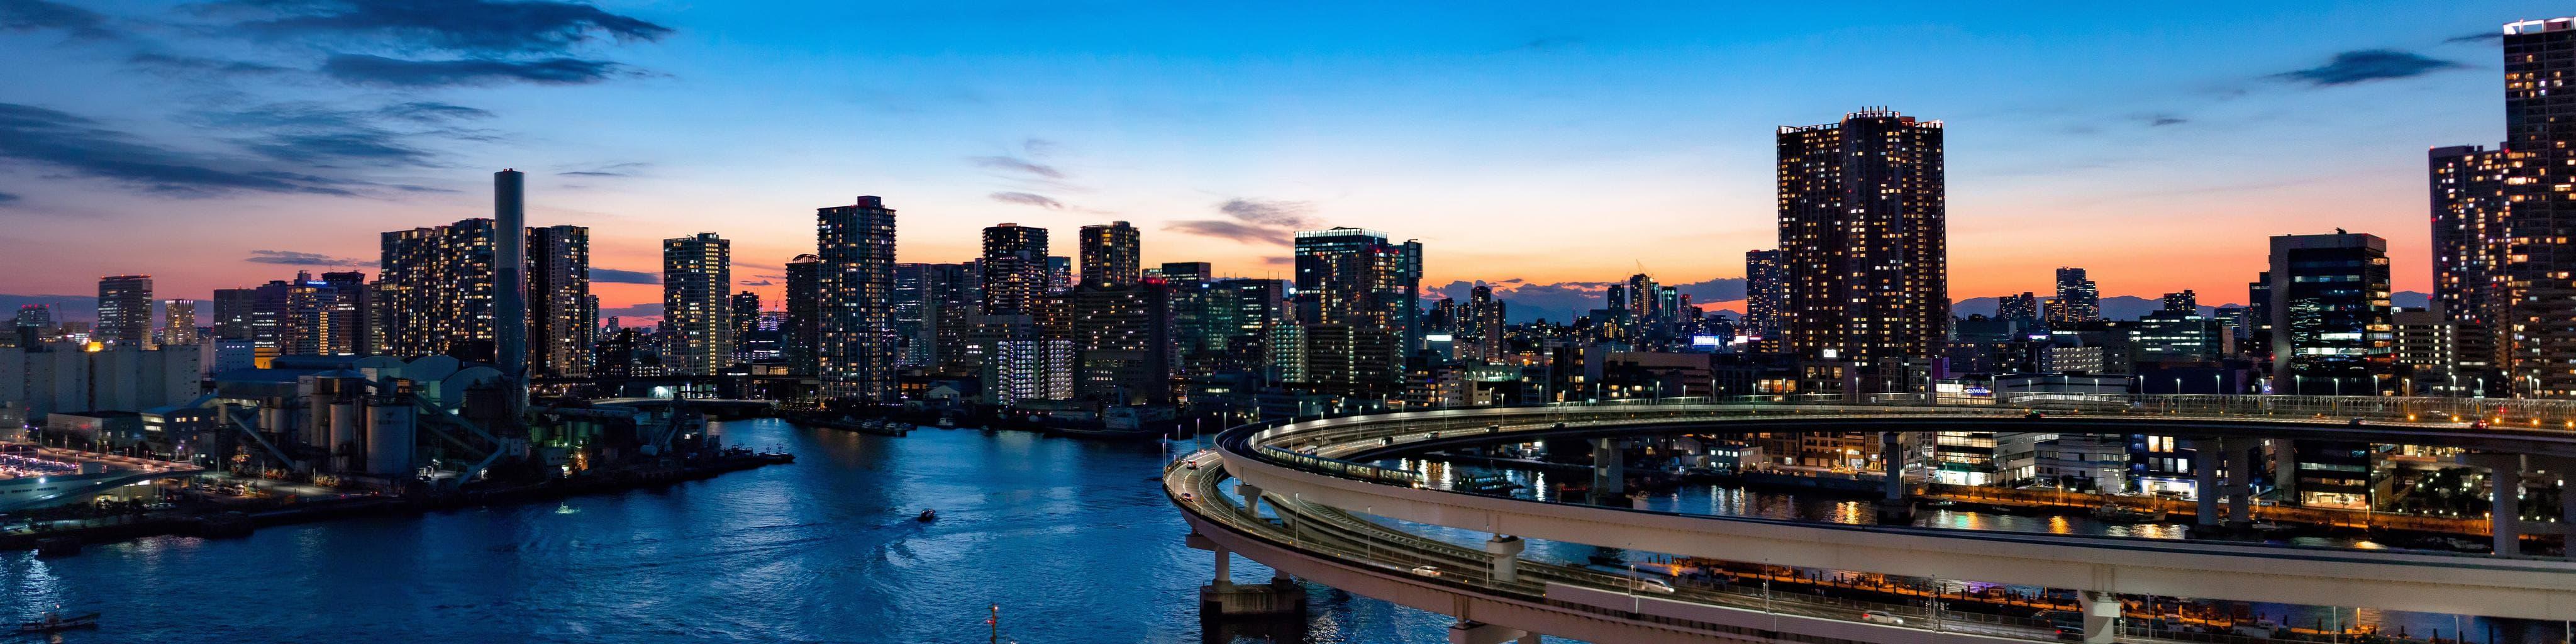 Fotografía panorámica ciudad